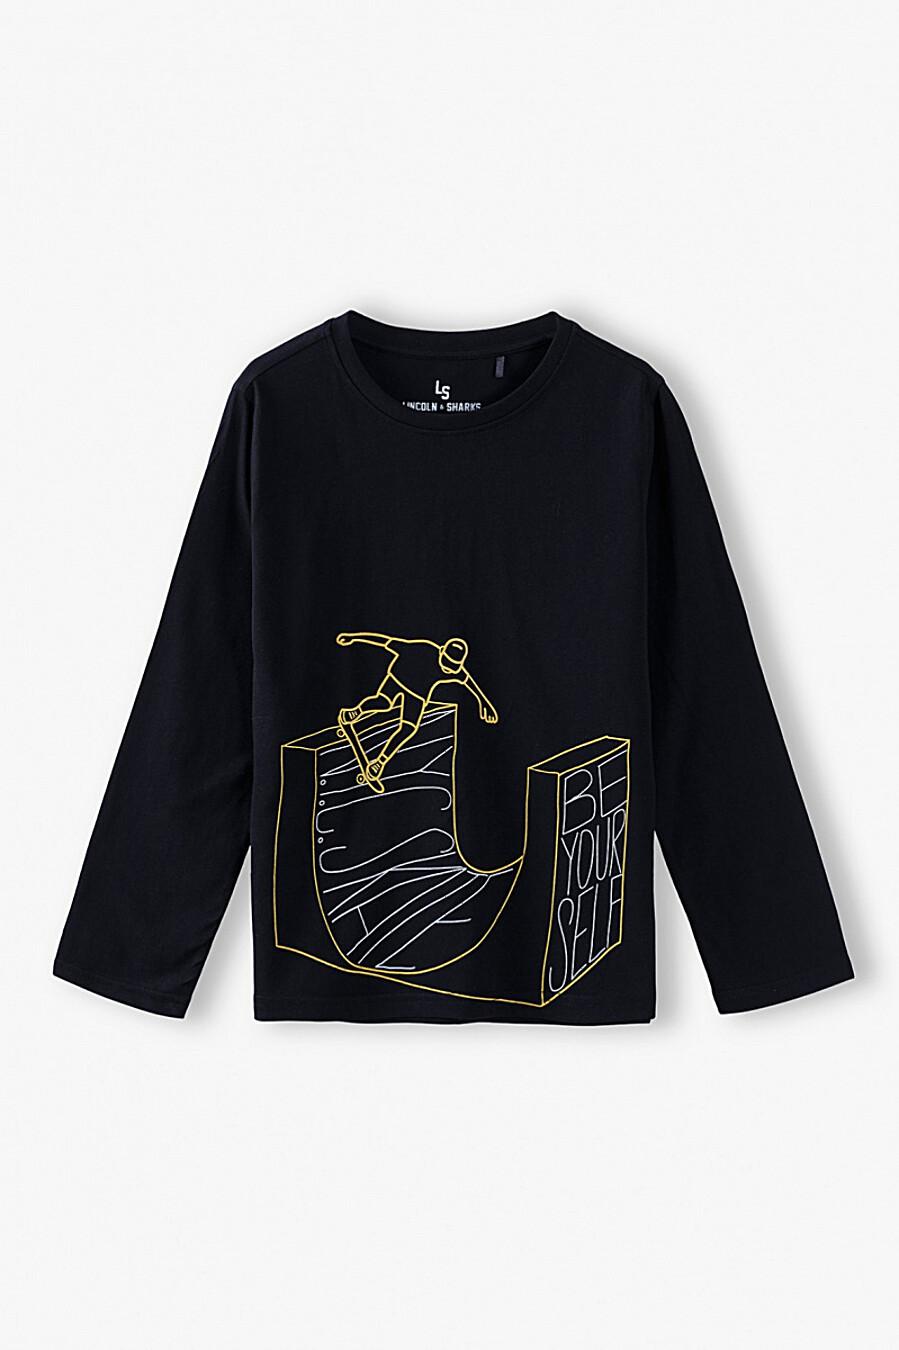 Лонгслив для мальчиков 5.10.15 668531 купить оптом от производителя. Совместная покупка детской одежды в OptMoyo